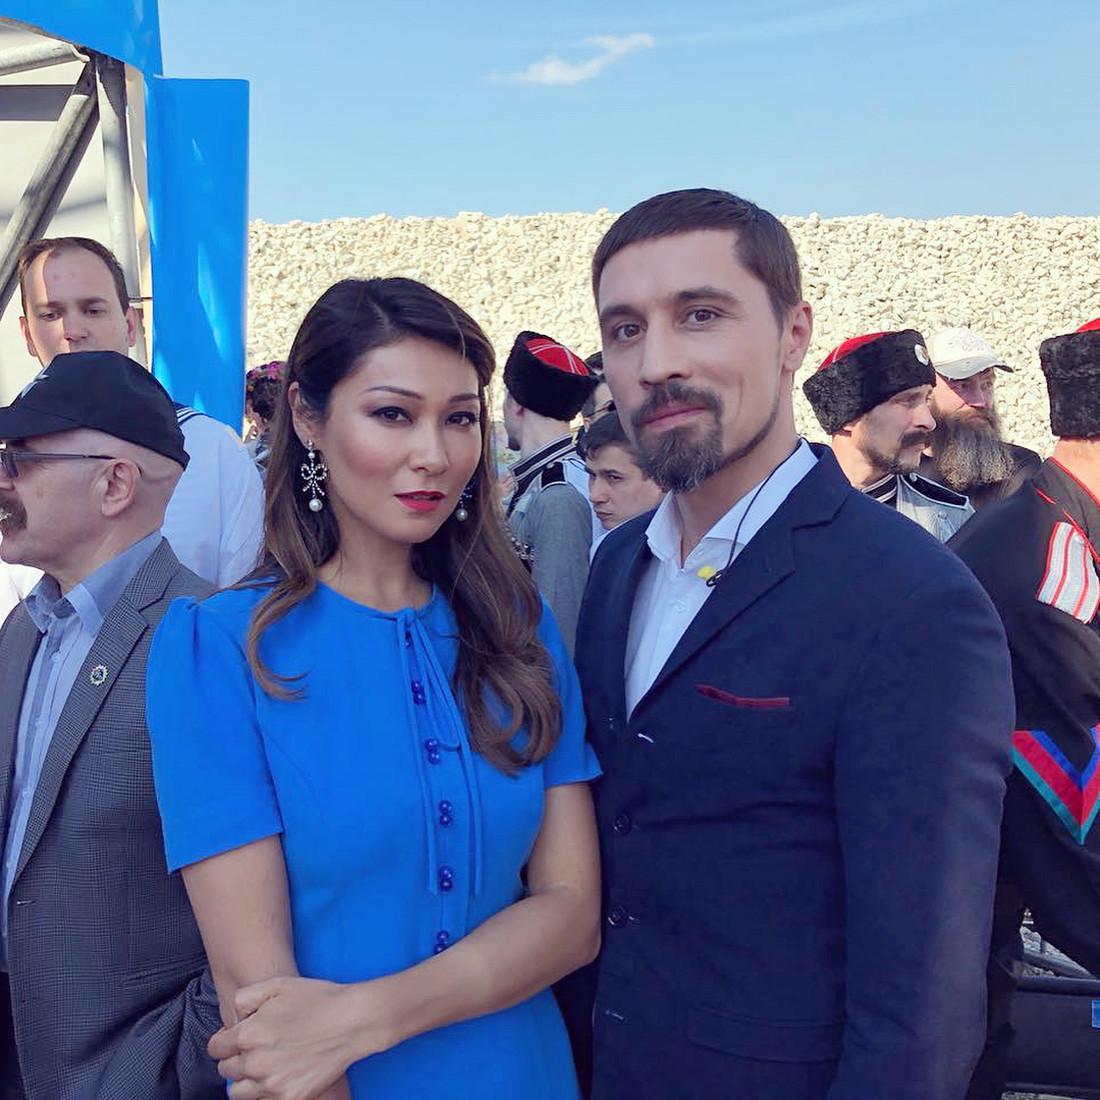 Билан тоже был замечен среди российских звезд на Керченском мосту / фото women.ru